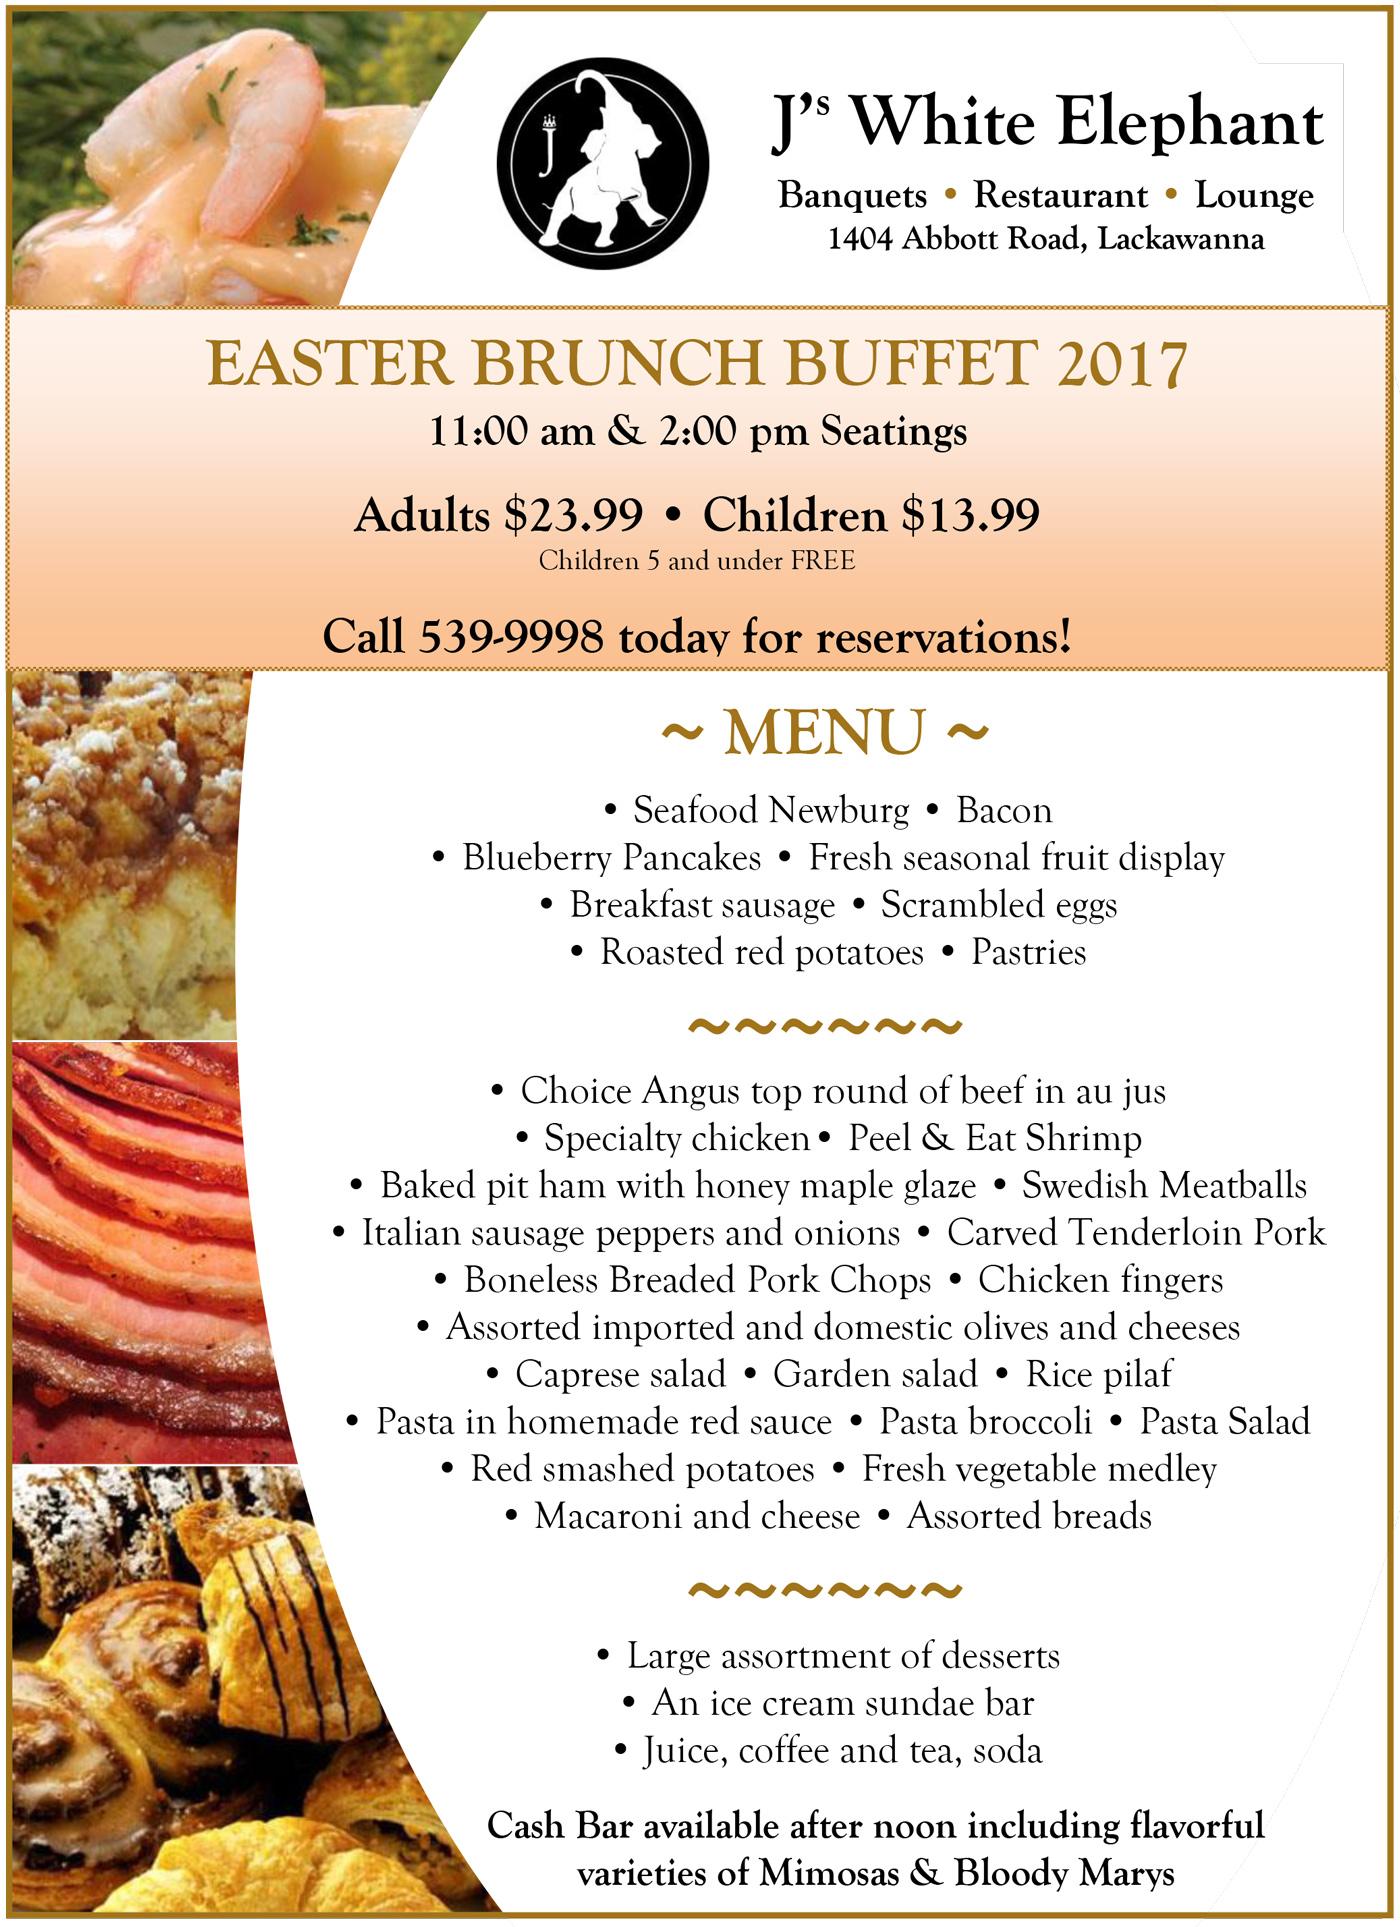 Easter buffet brunch 2017 j 39 s white elephant buffalo for Easter brunch restaurant menus